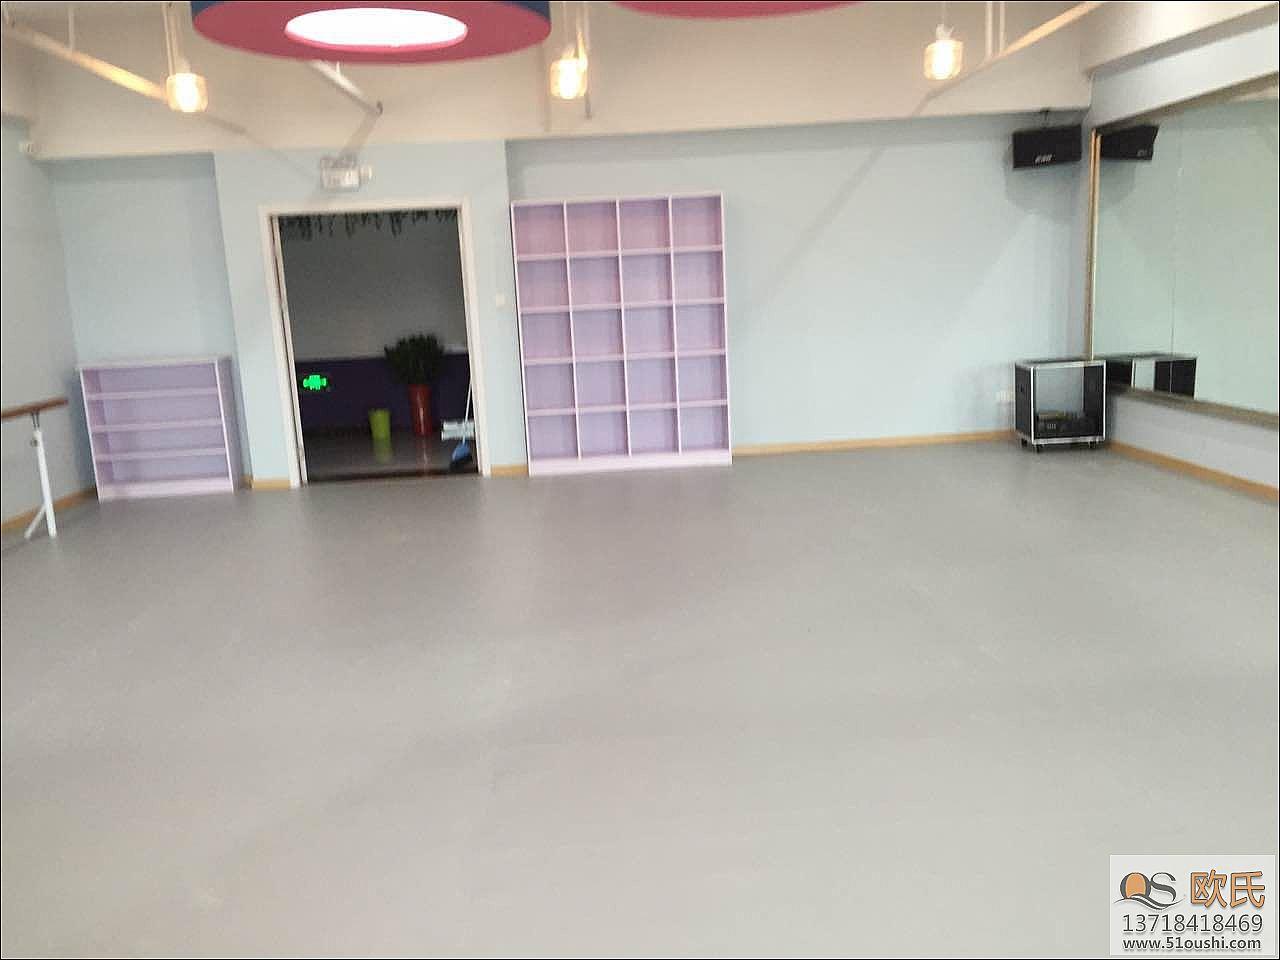 江苏省扬州舞蹈室地胶案例--前进舞蹈艺术培训中心